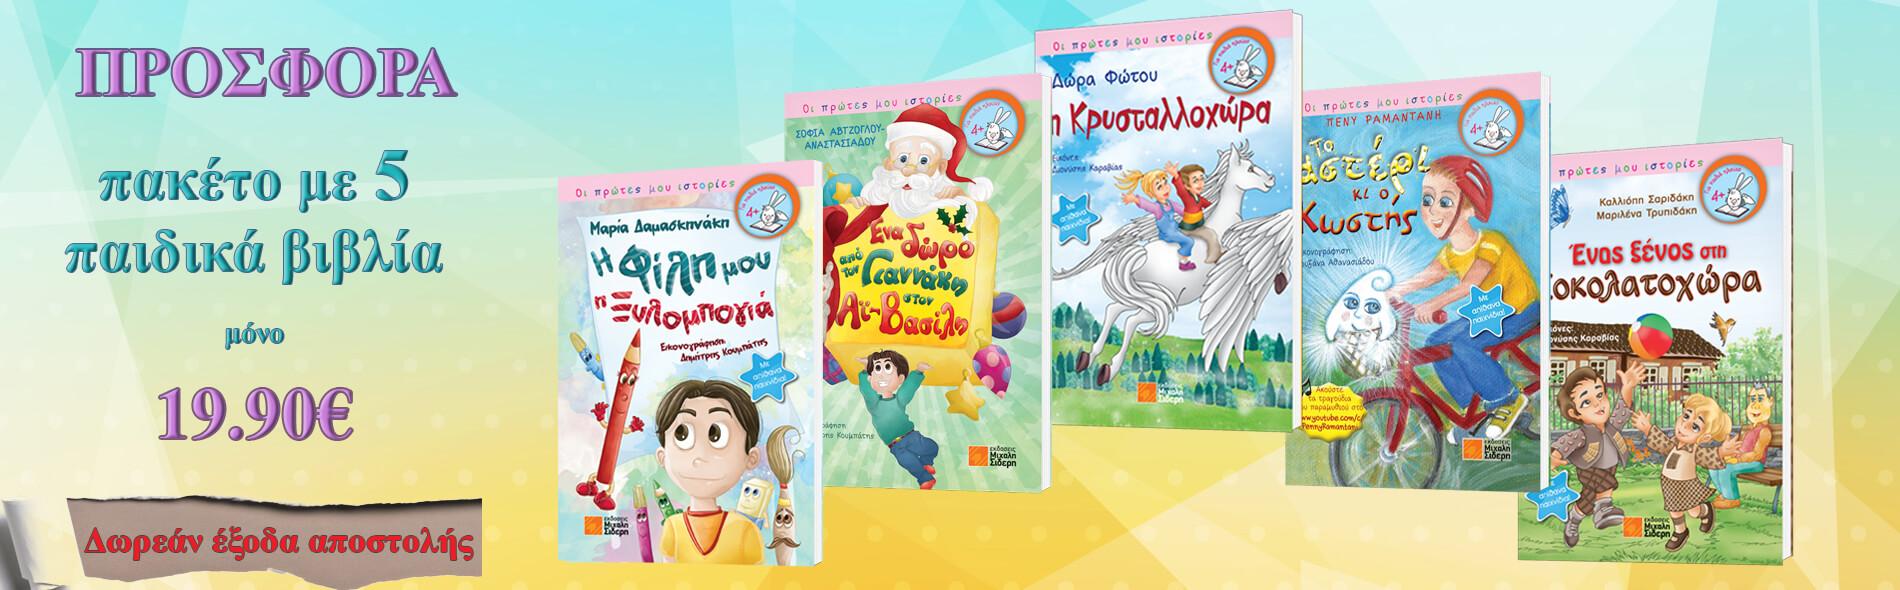 Χριστουγεννιάτικη Προσφορά Παιδικών Βιβλίων